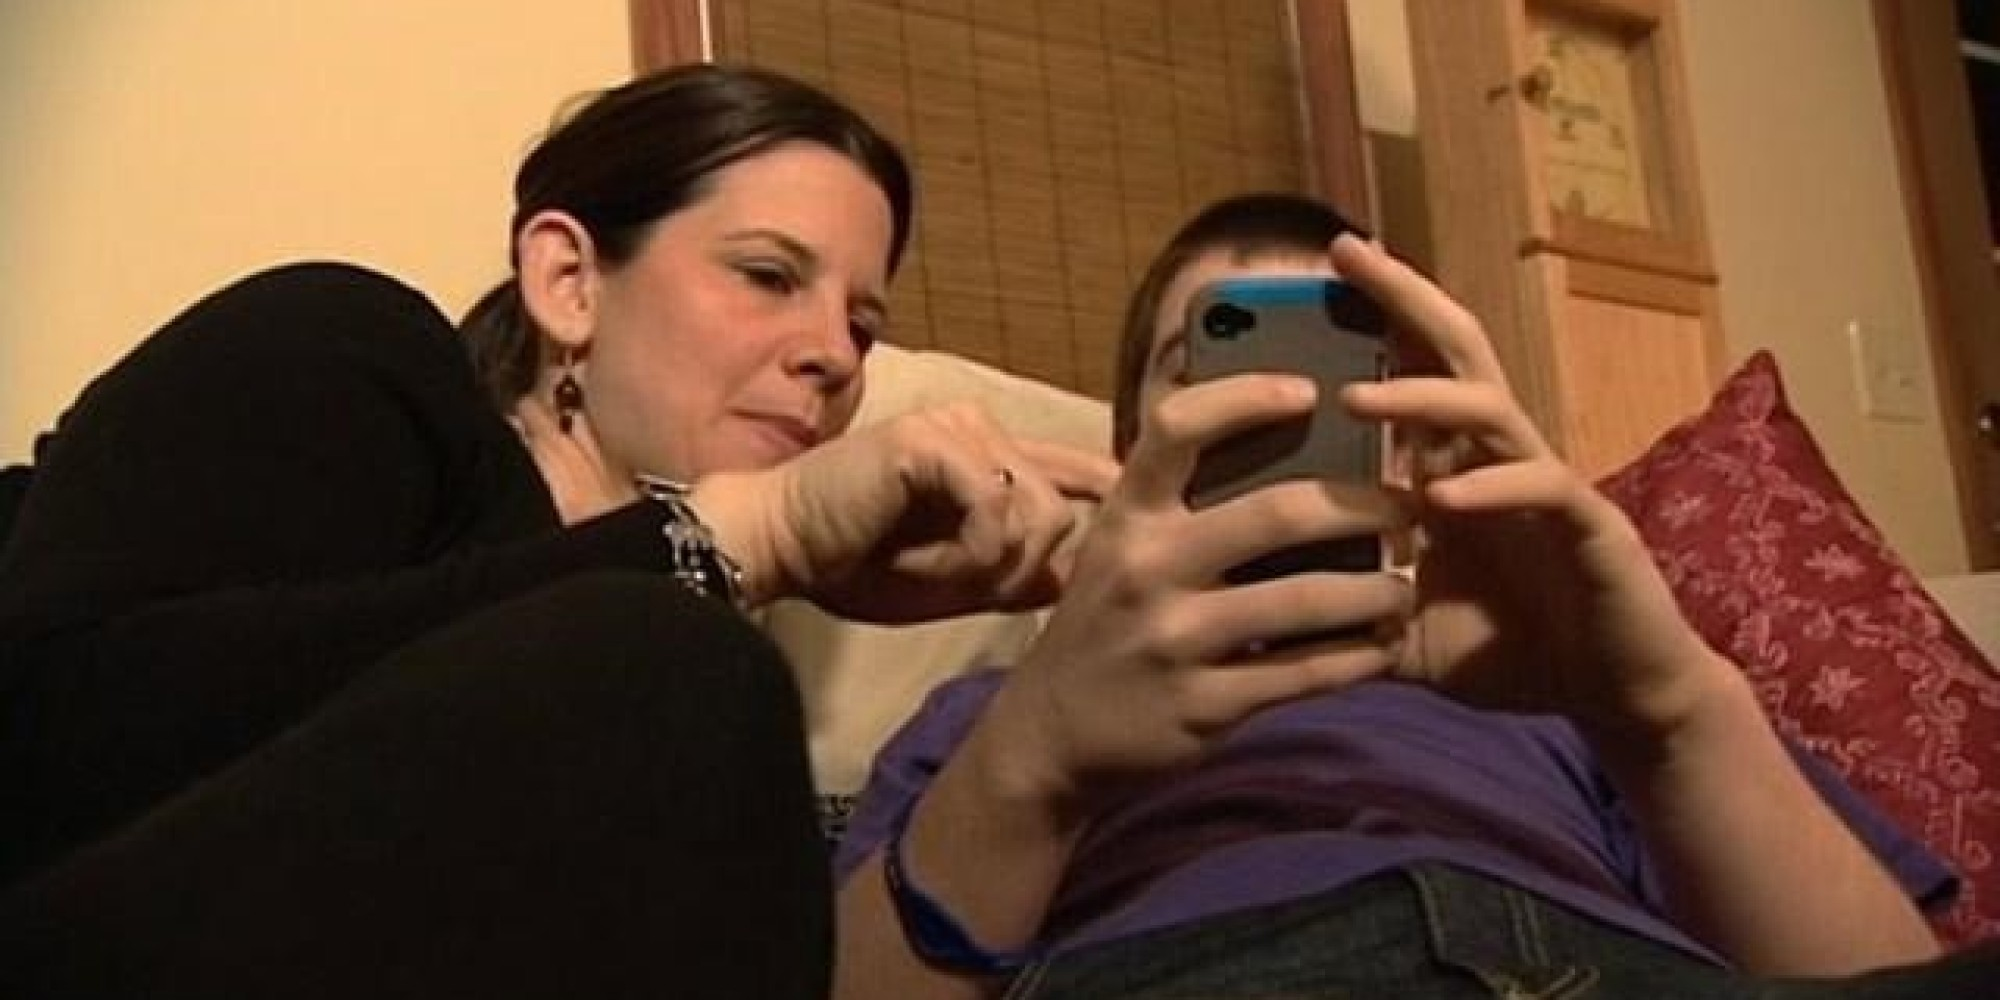 Сын трахает родную мать в жопу, Как сын трахает маму уникальное видео в качестве HD 4 фотография